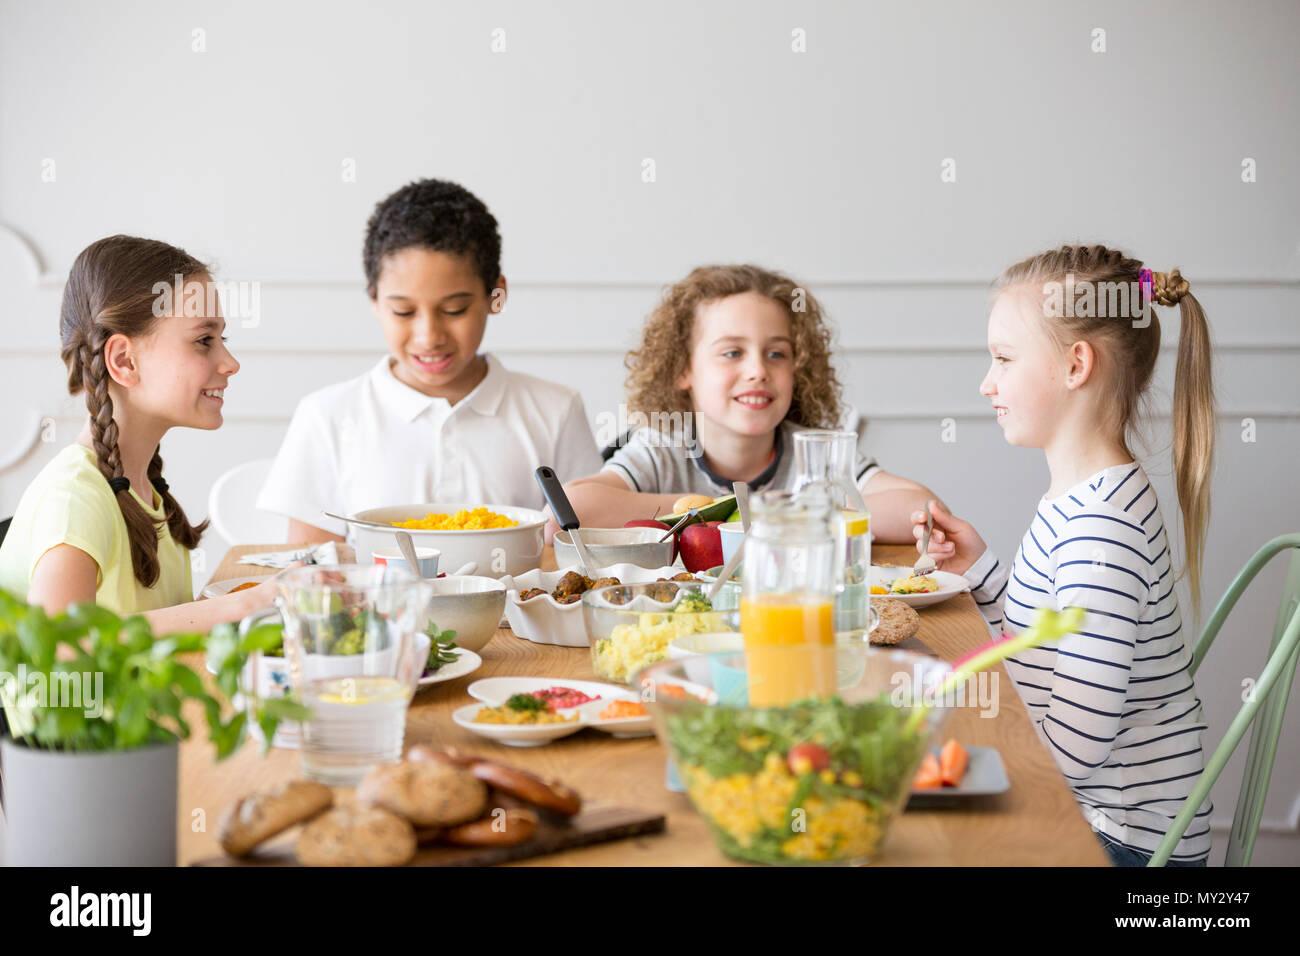 Lächelnde Kinder Essen beim Tag der Kinder zu Hause feiern. Stockbild